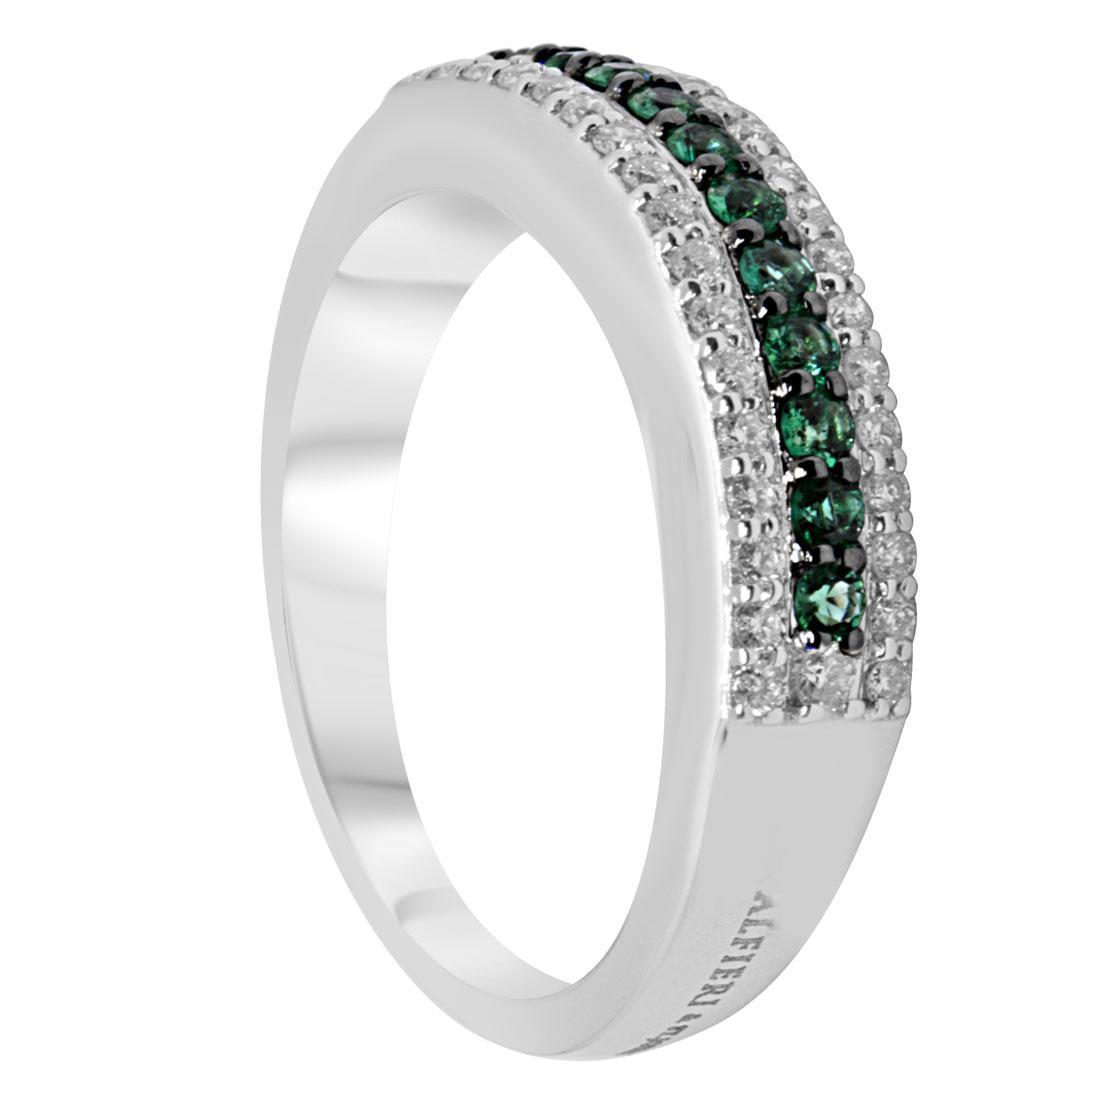 Anello veretta in oro bianco con diamanti e smeraldi, mis 13 - ALFIERI & ST. JOHN